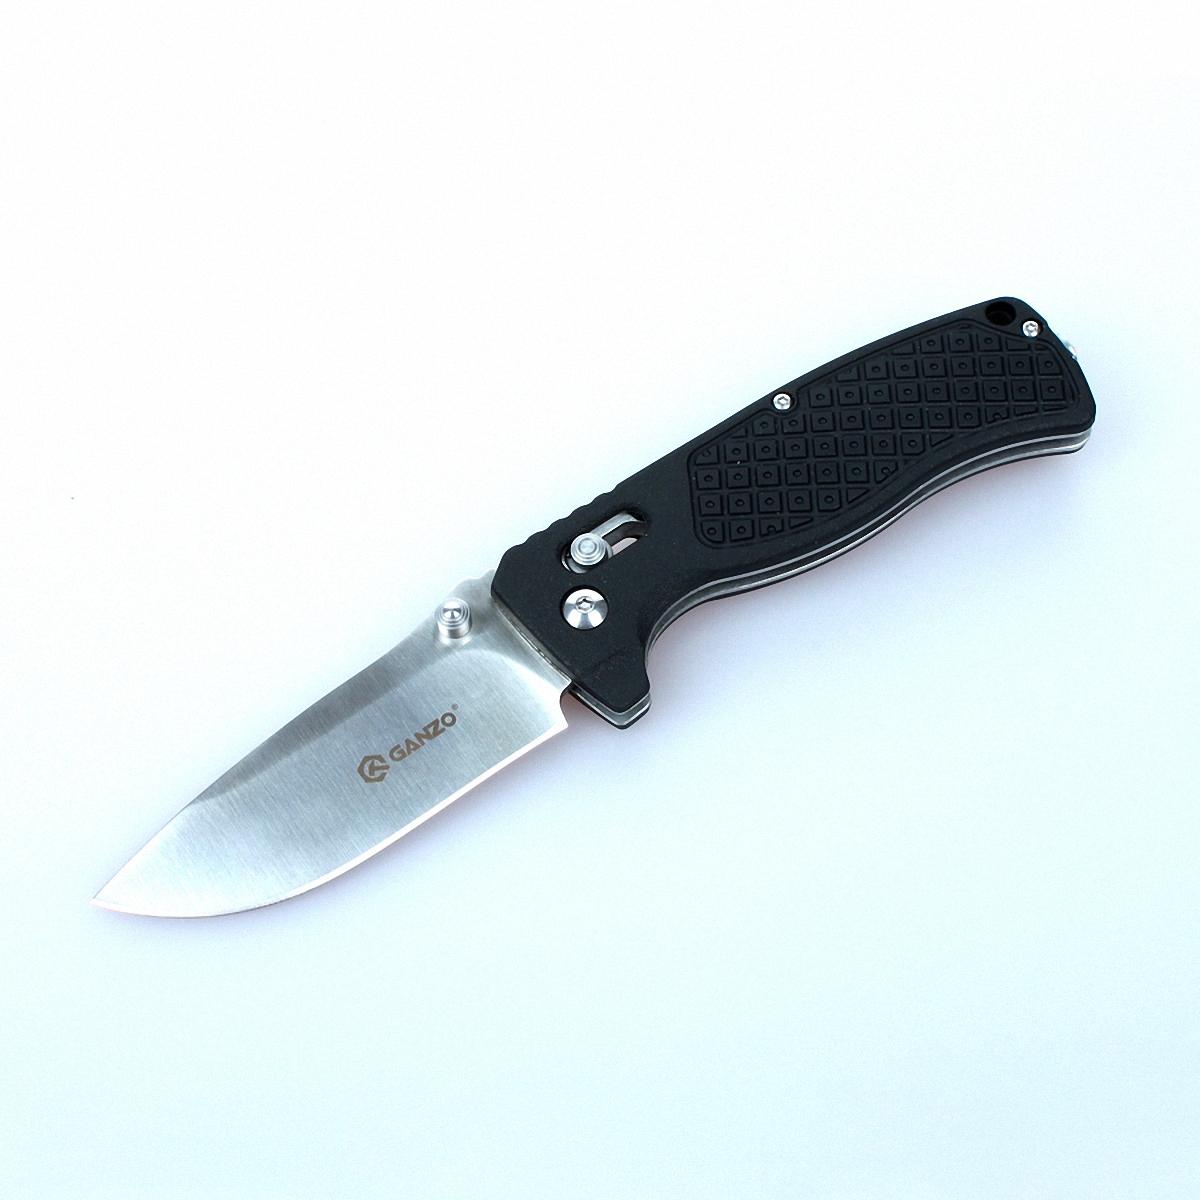 Нож Ganzo G724M черныйG724M-BKНож Ganzo 724M — универсальная модель. Он отлично подойдет для туристических целей и в качестве городского карманного ножа. Лезвие клинка гладко заточено, а его длина составляет 80 мм. К обуху клинок расширяется до 3 мм. Ним удобно приготовить бутерброды на обед, выполнить подсобные работы на рыбалке или в туристическом лагере. Преимущество ножа Ganzo 724M в том, что для него использована марка твердой нержавеющей стали 440С. Этот металл отлично сохраняет свои качества в полевых условиях, когда нож часто используется в сырости. Помимо того, нож из стали 440С не требуется часто подтачивать, а в случае необходимости, это легко сделать с помощью любой карманной точилки. Форма рукоятки выбрана таким образом, чтобы нож удобно лежал в руке. Более того, покрытая текстурным узором поверхность способствует крепкому удержанию ножа даже во влажной ладони. Материалом для накладок на ручку ножа Ganzo 724M служит армированный стекловолокном нейлон. Это новый прочный материал, выдерживающий высокие...